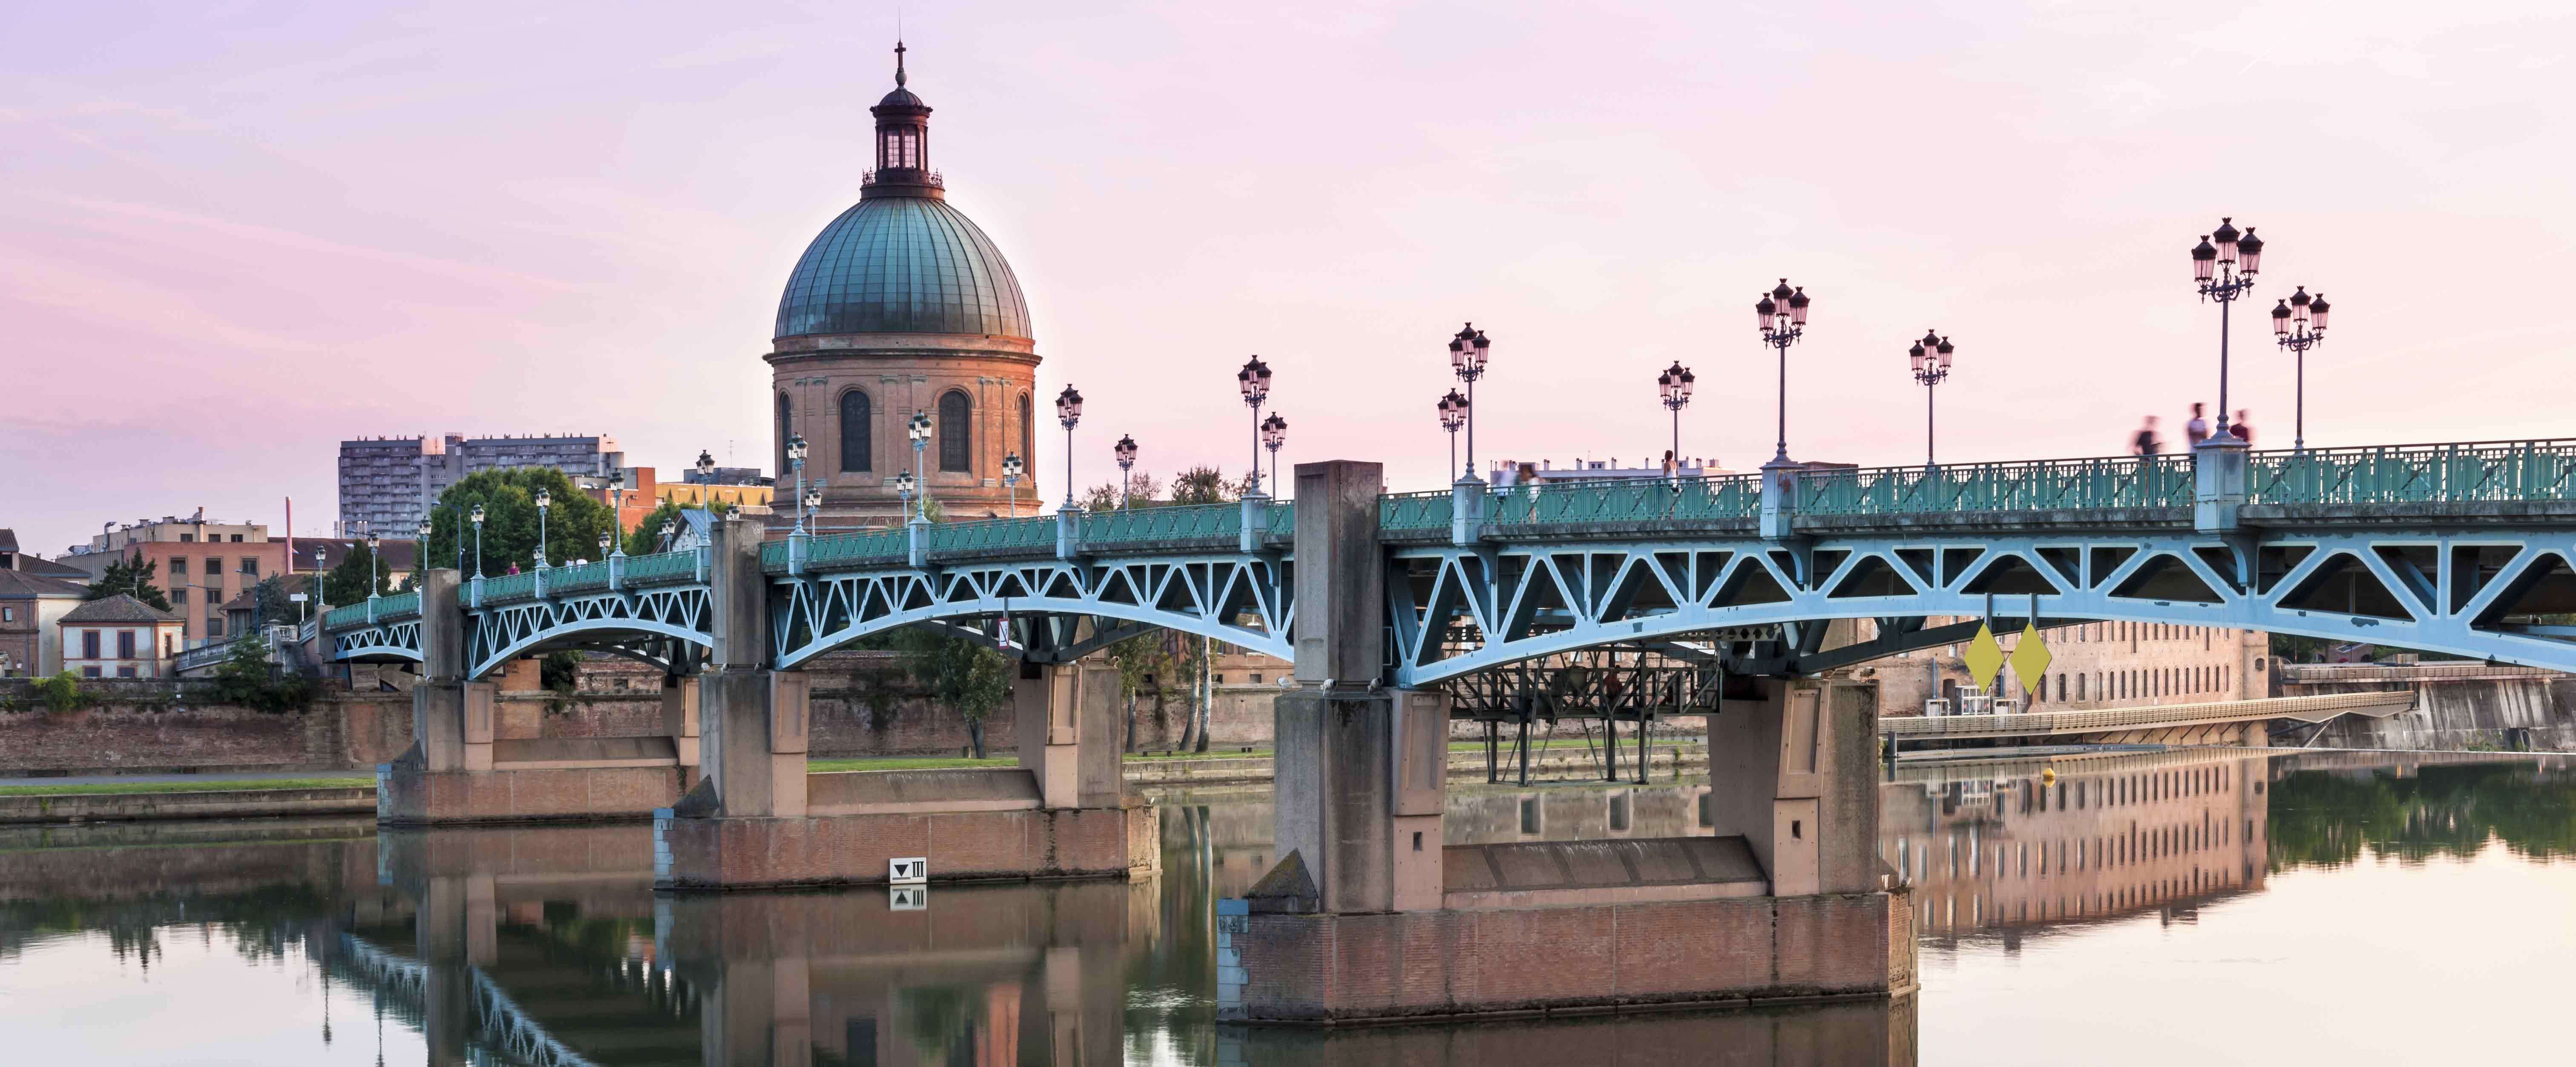 Découvrez nos séjours de luxe en vente privée - Toulouse. VeryChic vous propose des voyages jusqu'à -70% dans les plus beaux hôtels du monde - Toulouse